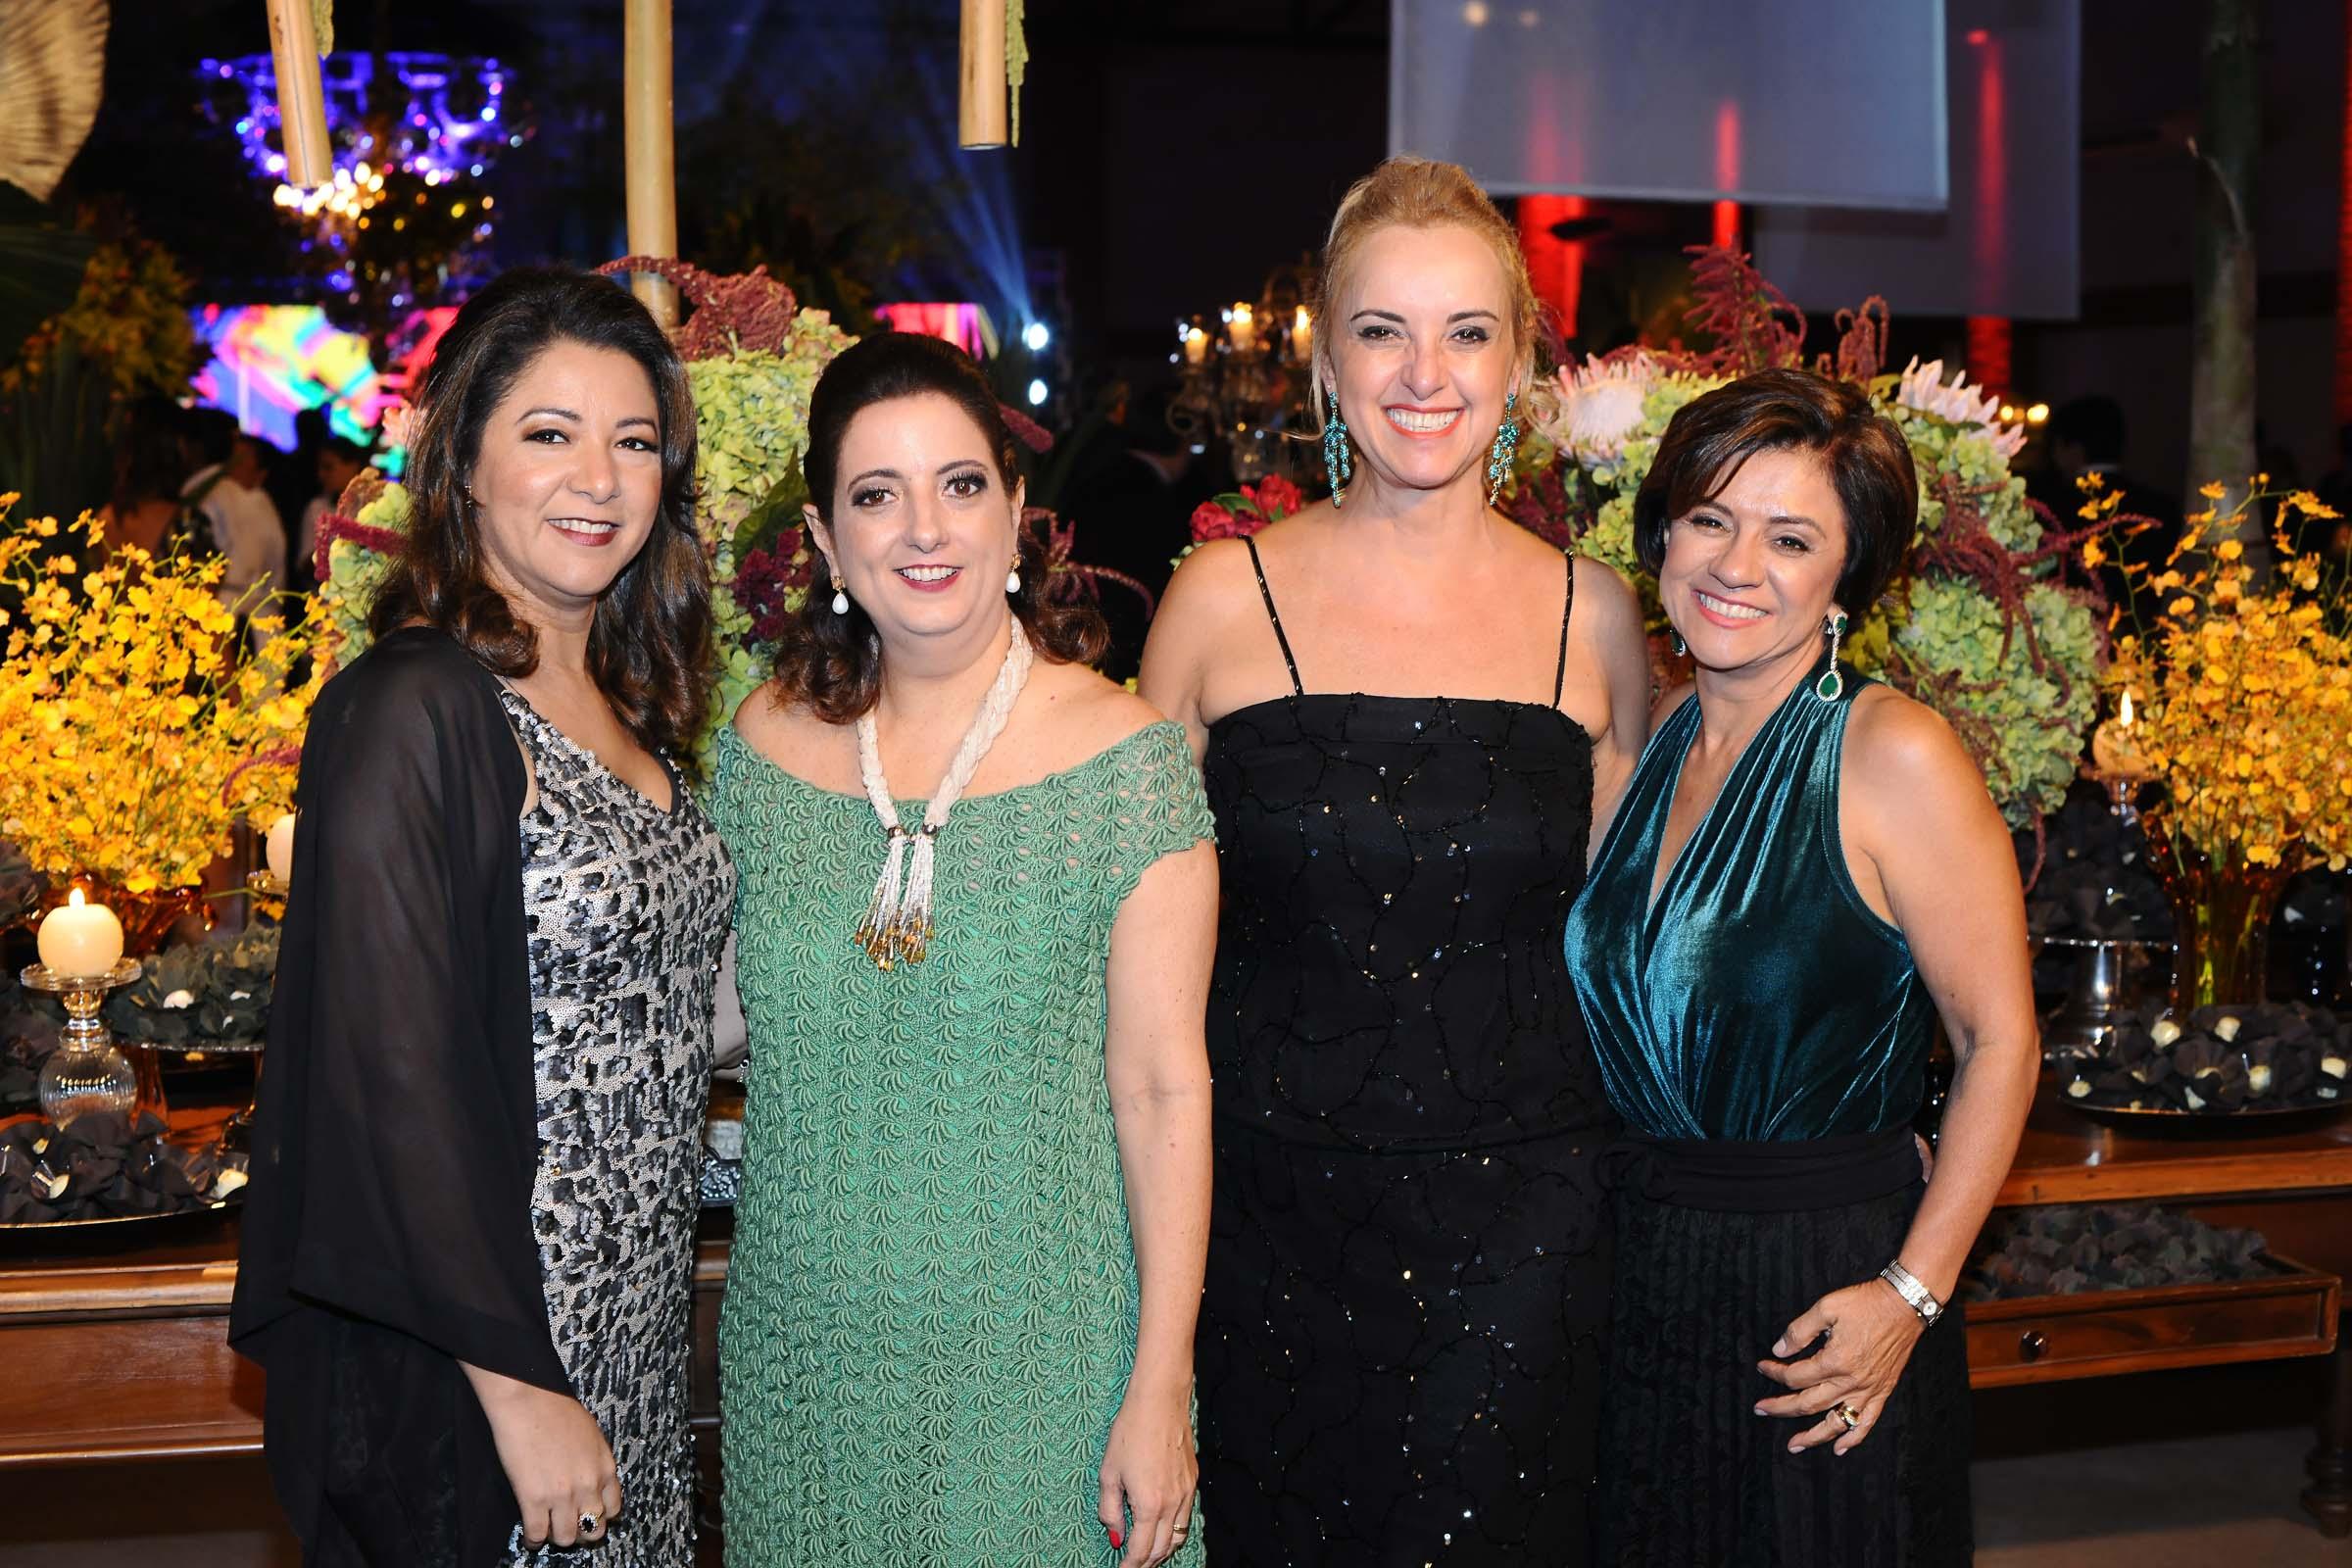 As amigas Joyce Barbosa, Patrícia Faracco, Palmira Figueiredo e Meire Faracco